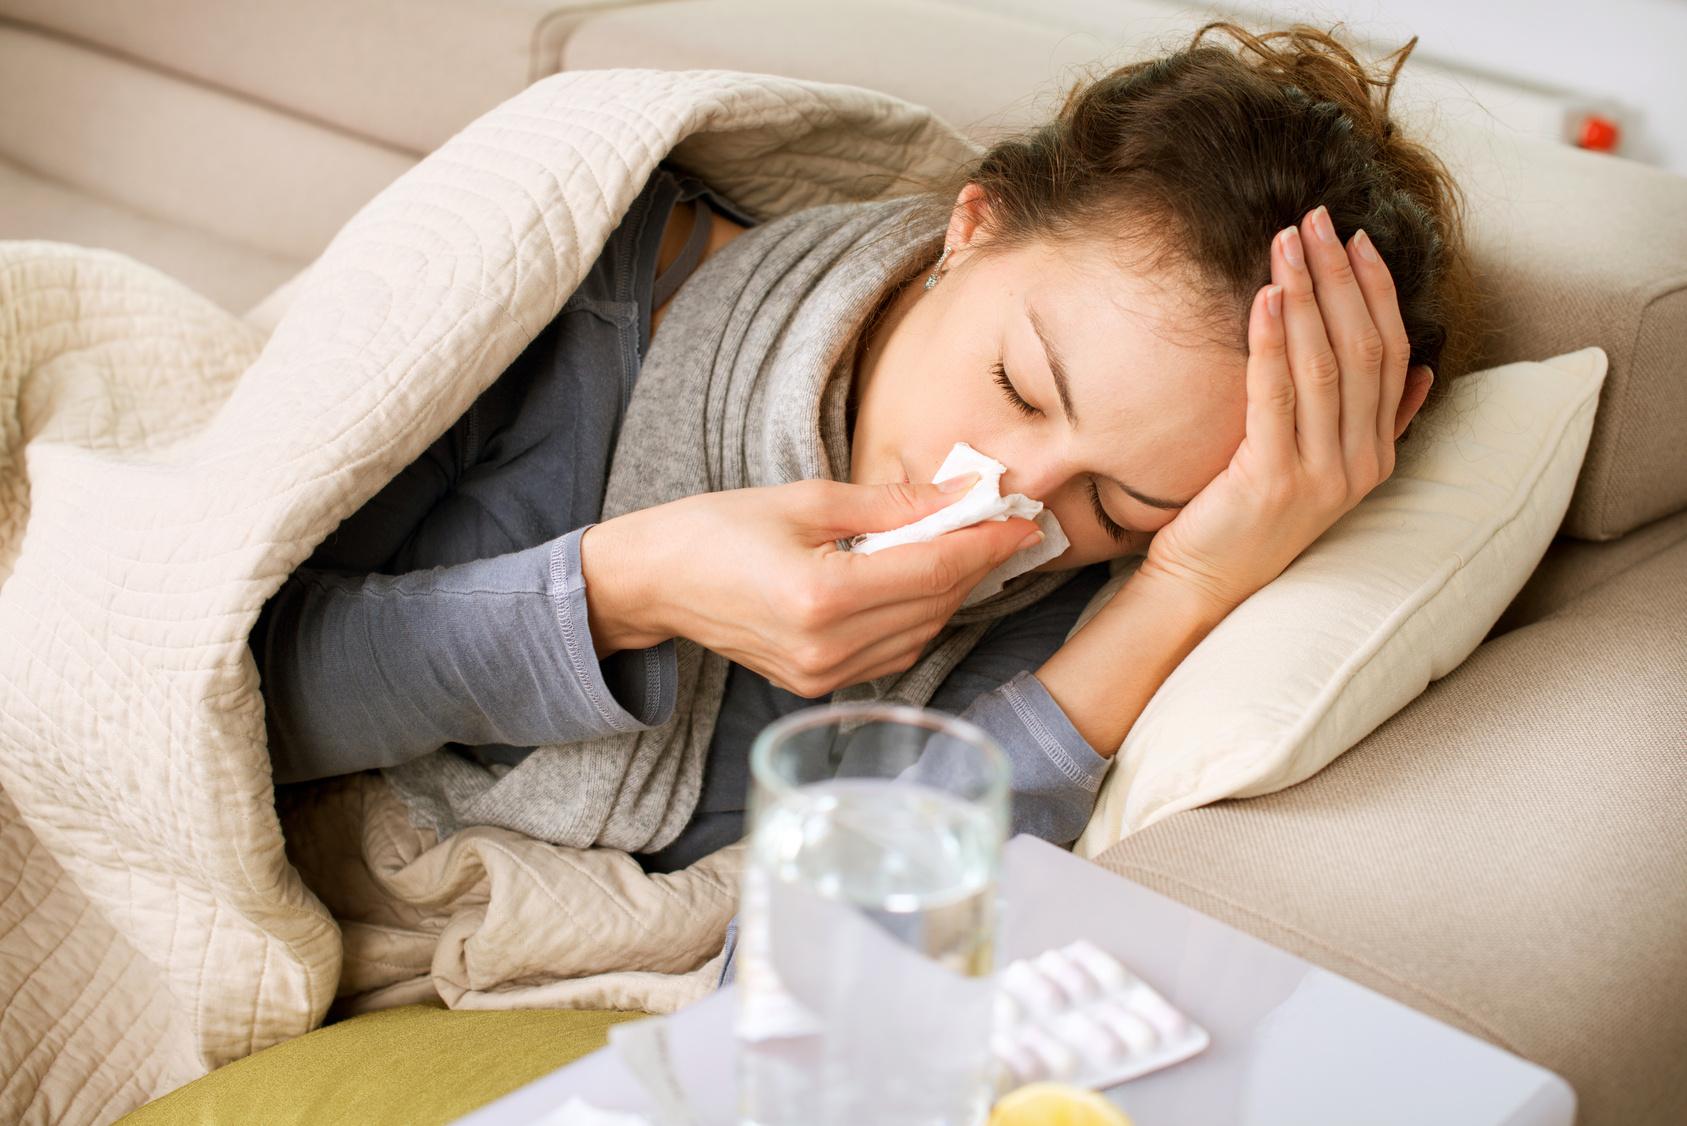 Как повысить иммунитет осенью  4 действенных рецепта для укрепления иммунной  системы взрослого человека   Повышение иммунитета   Средства для иммунитета  ... caf780ff607